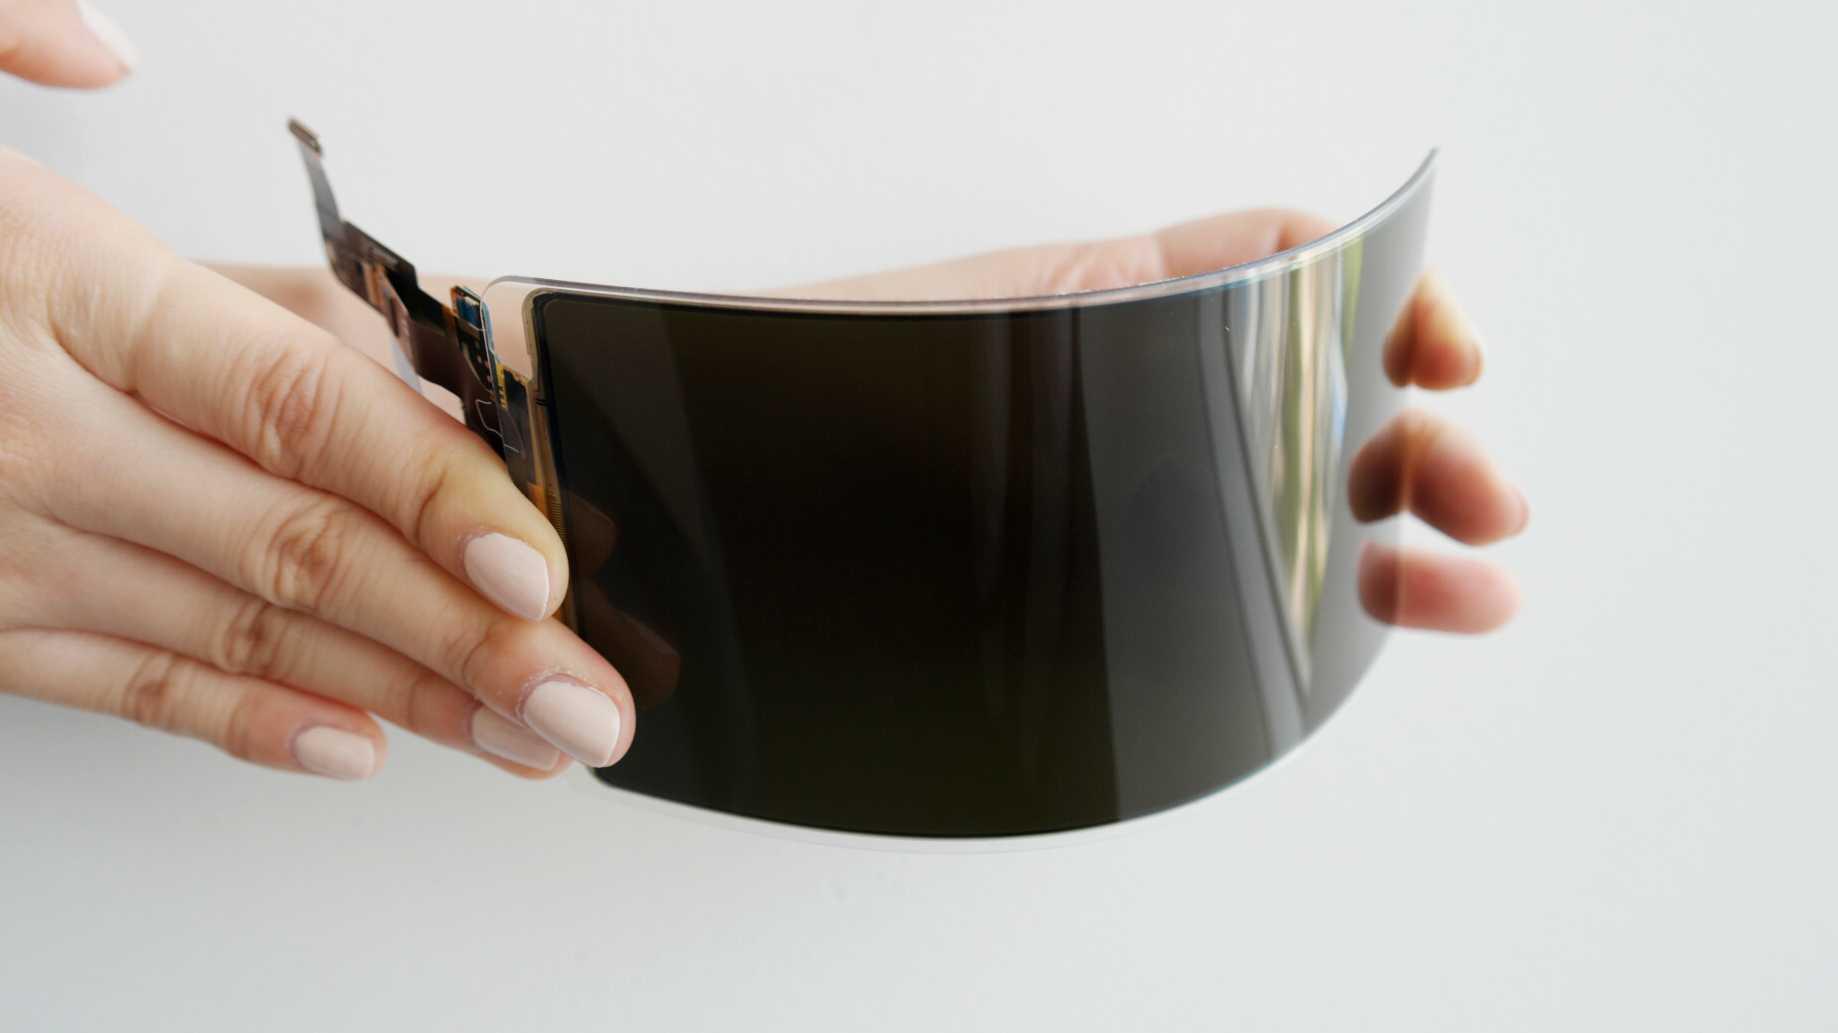 Samsung: Biegsames und unzerbrechliches Display soll kommen